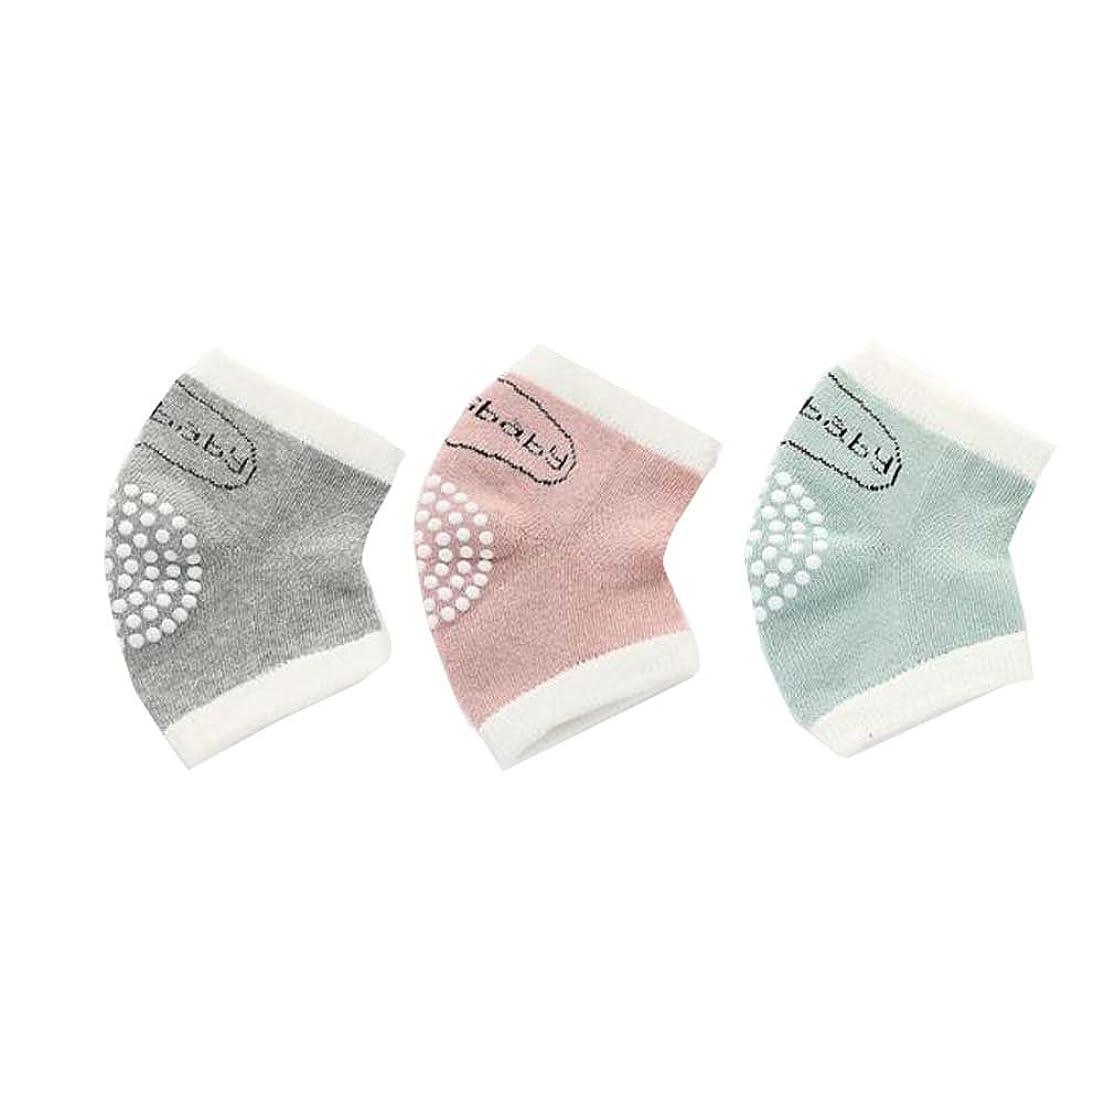 シロクマスパイラル複製3組のアンチスリップ弾性調節可能な膝パッドベビーニーパッド